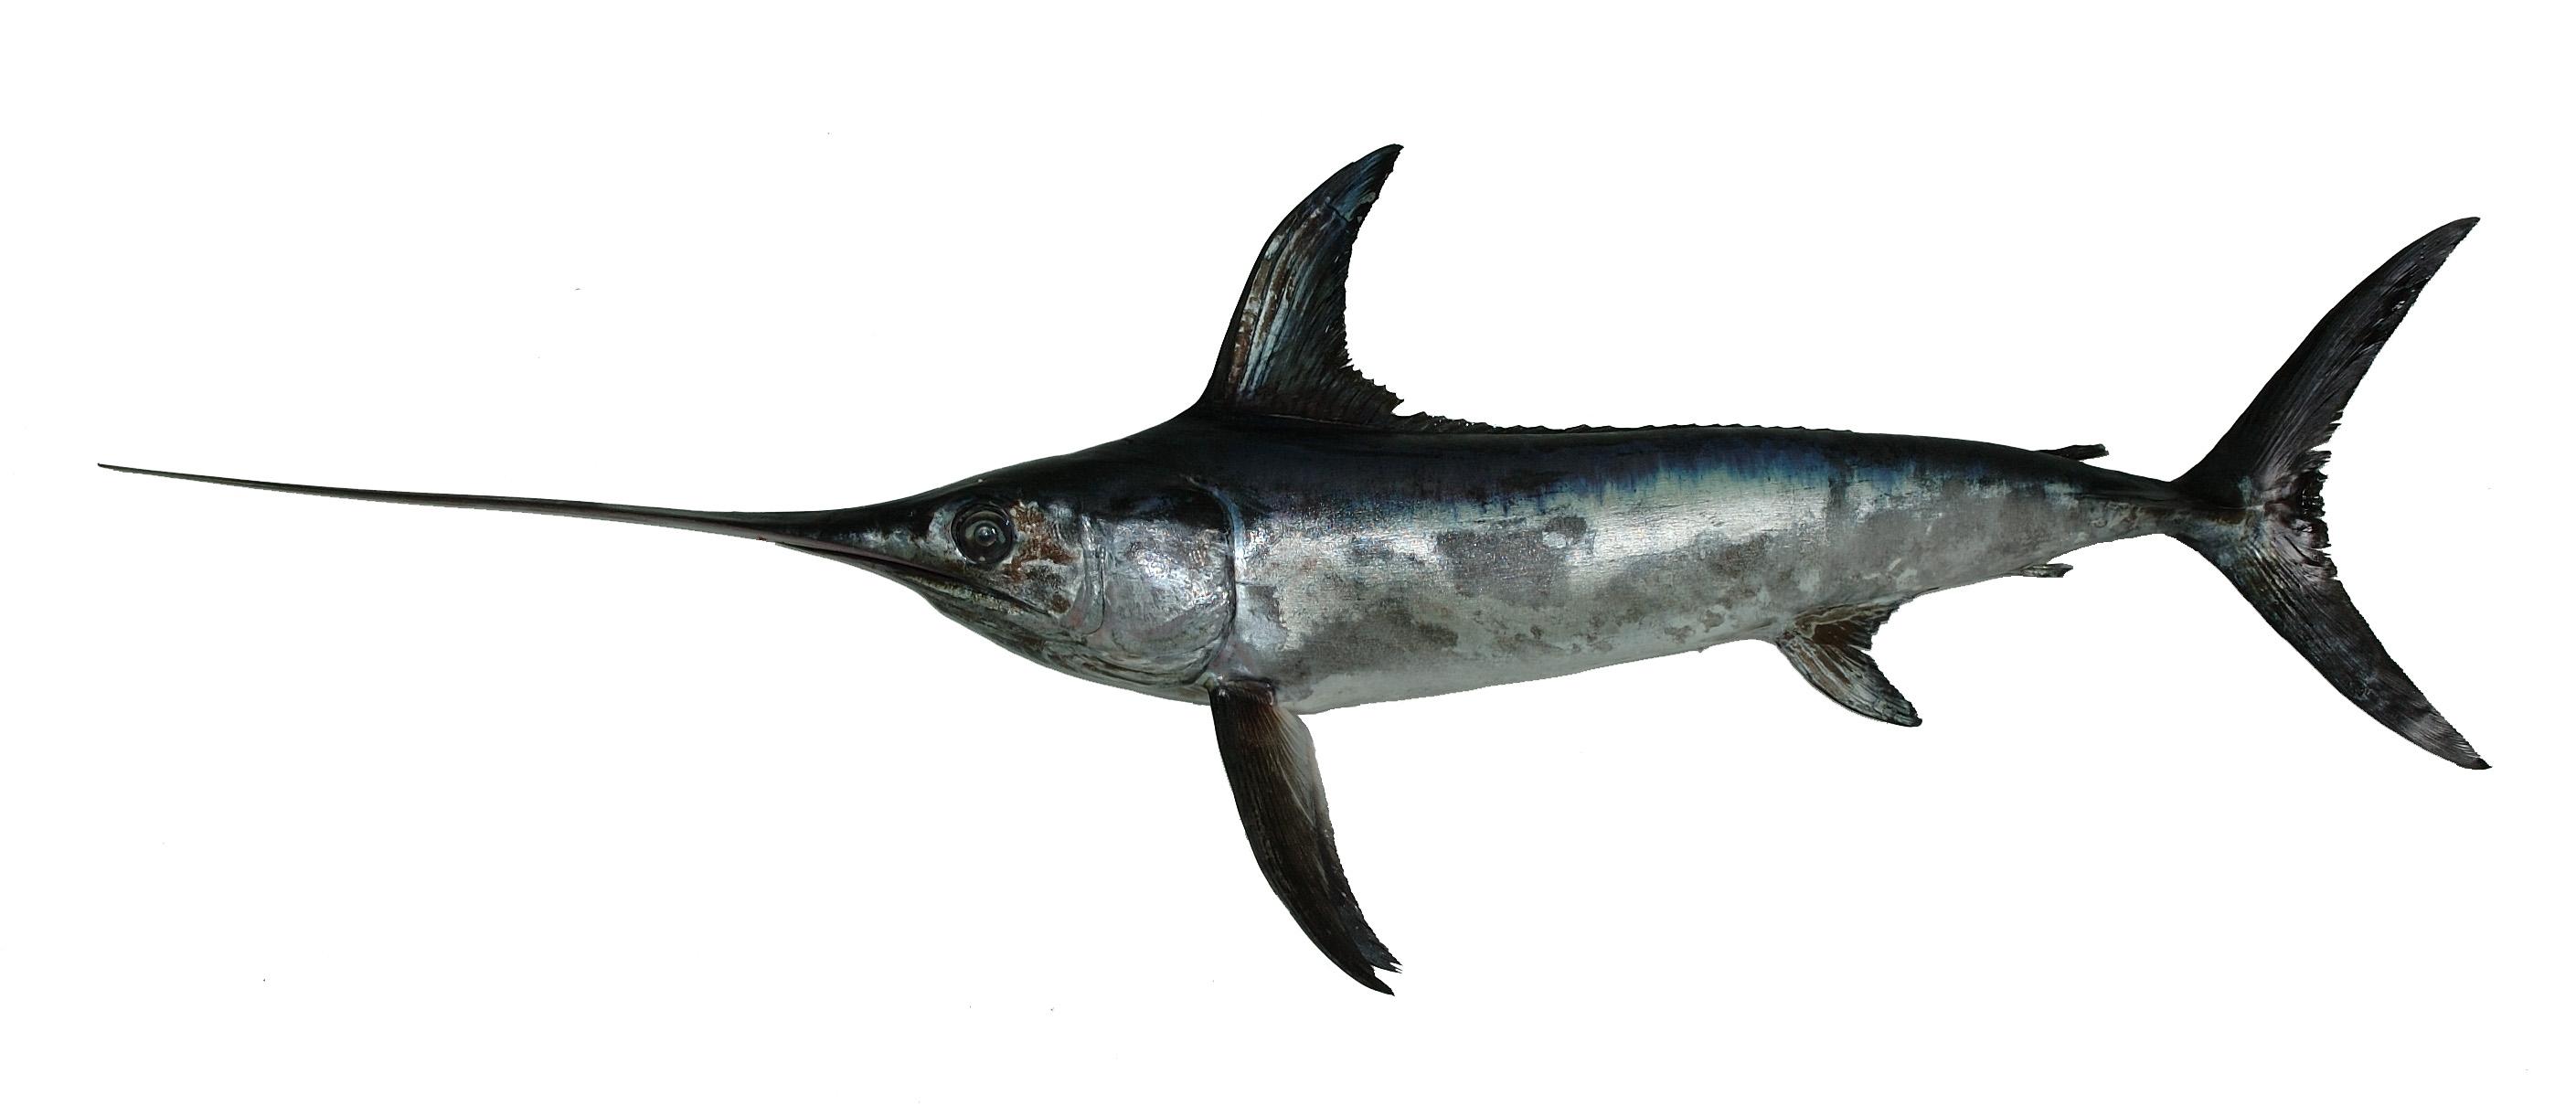 旗鱼有多少种 常见旗鱼种类介绍